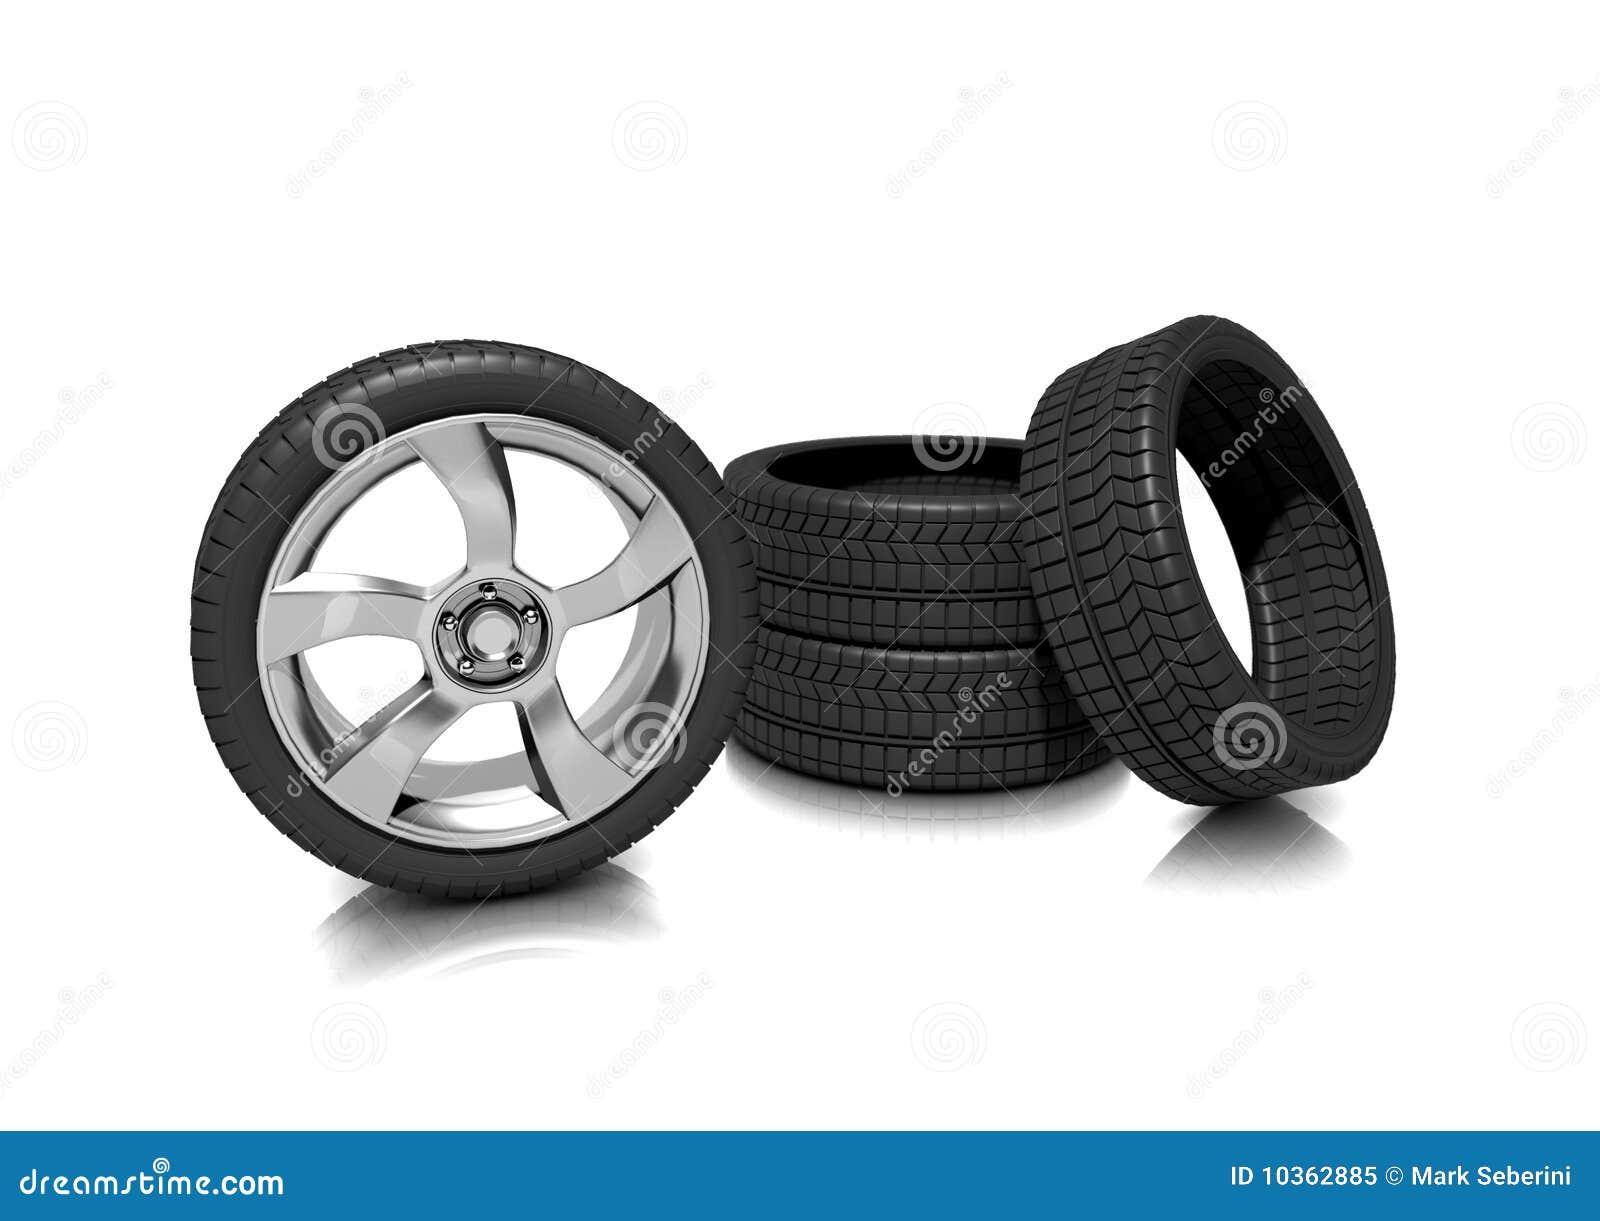 Sedie fatte con pneumatici: riciclo creativo pneumatici non sprecare